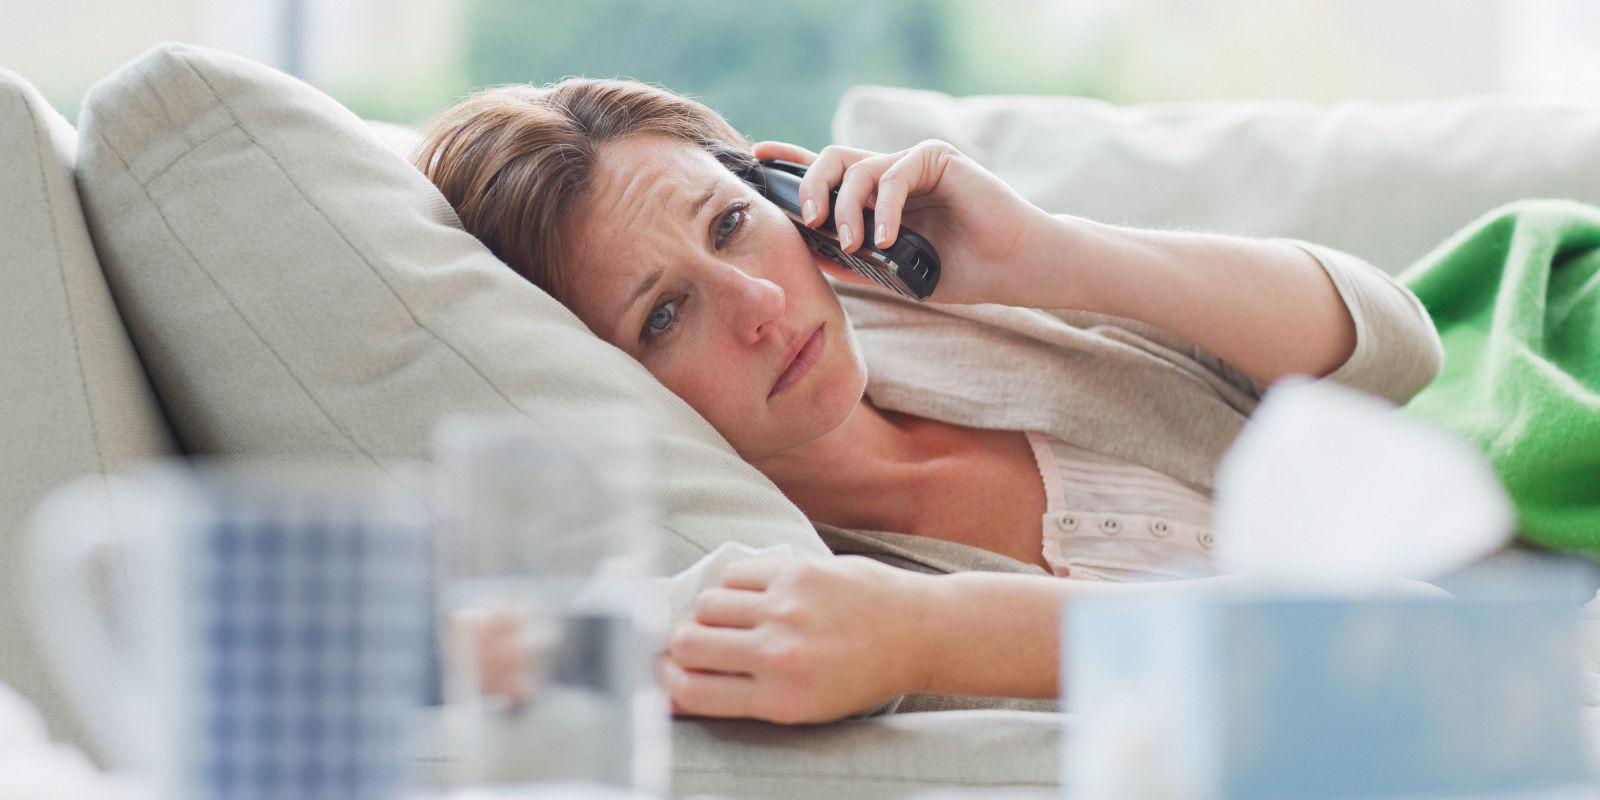 Что такое ипохондрия: причины предипохондрического состояния, симптомы и лечение